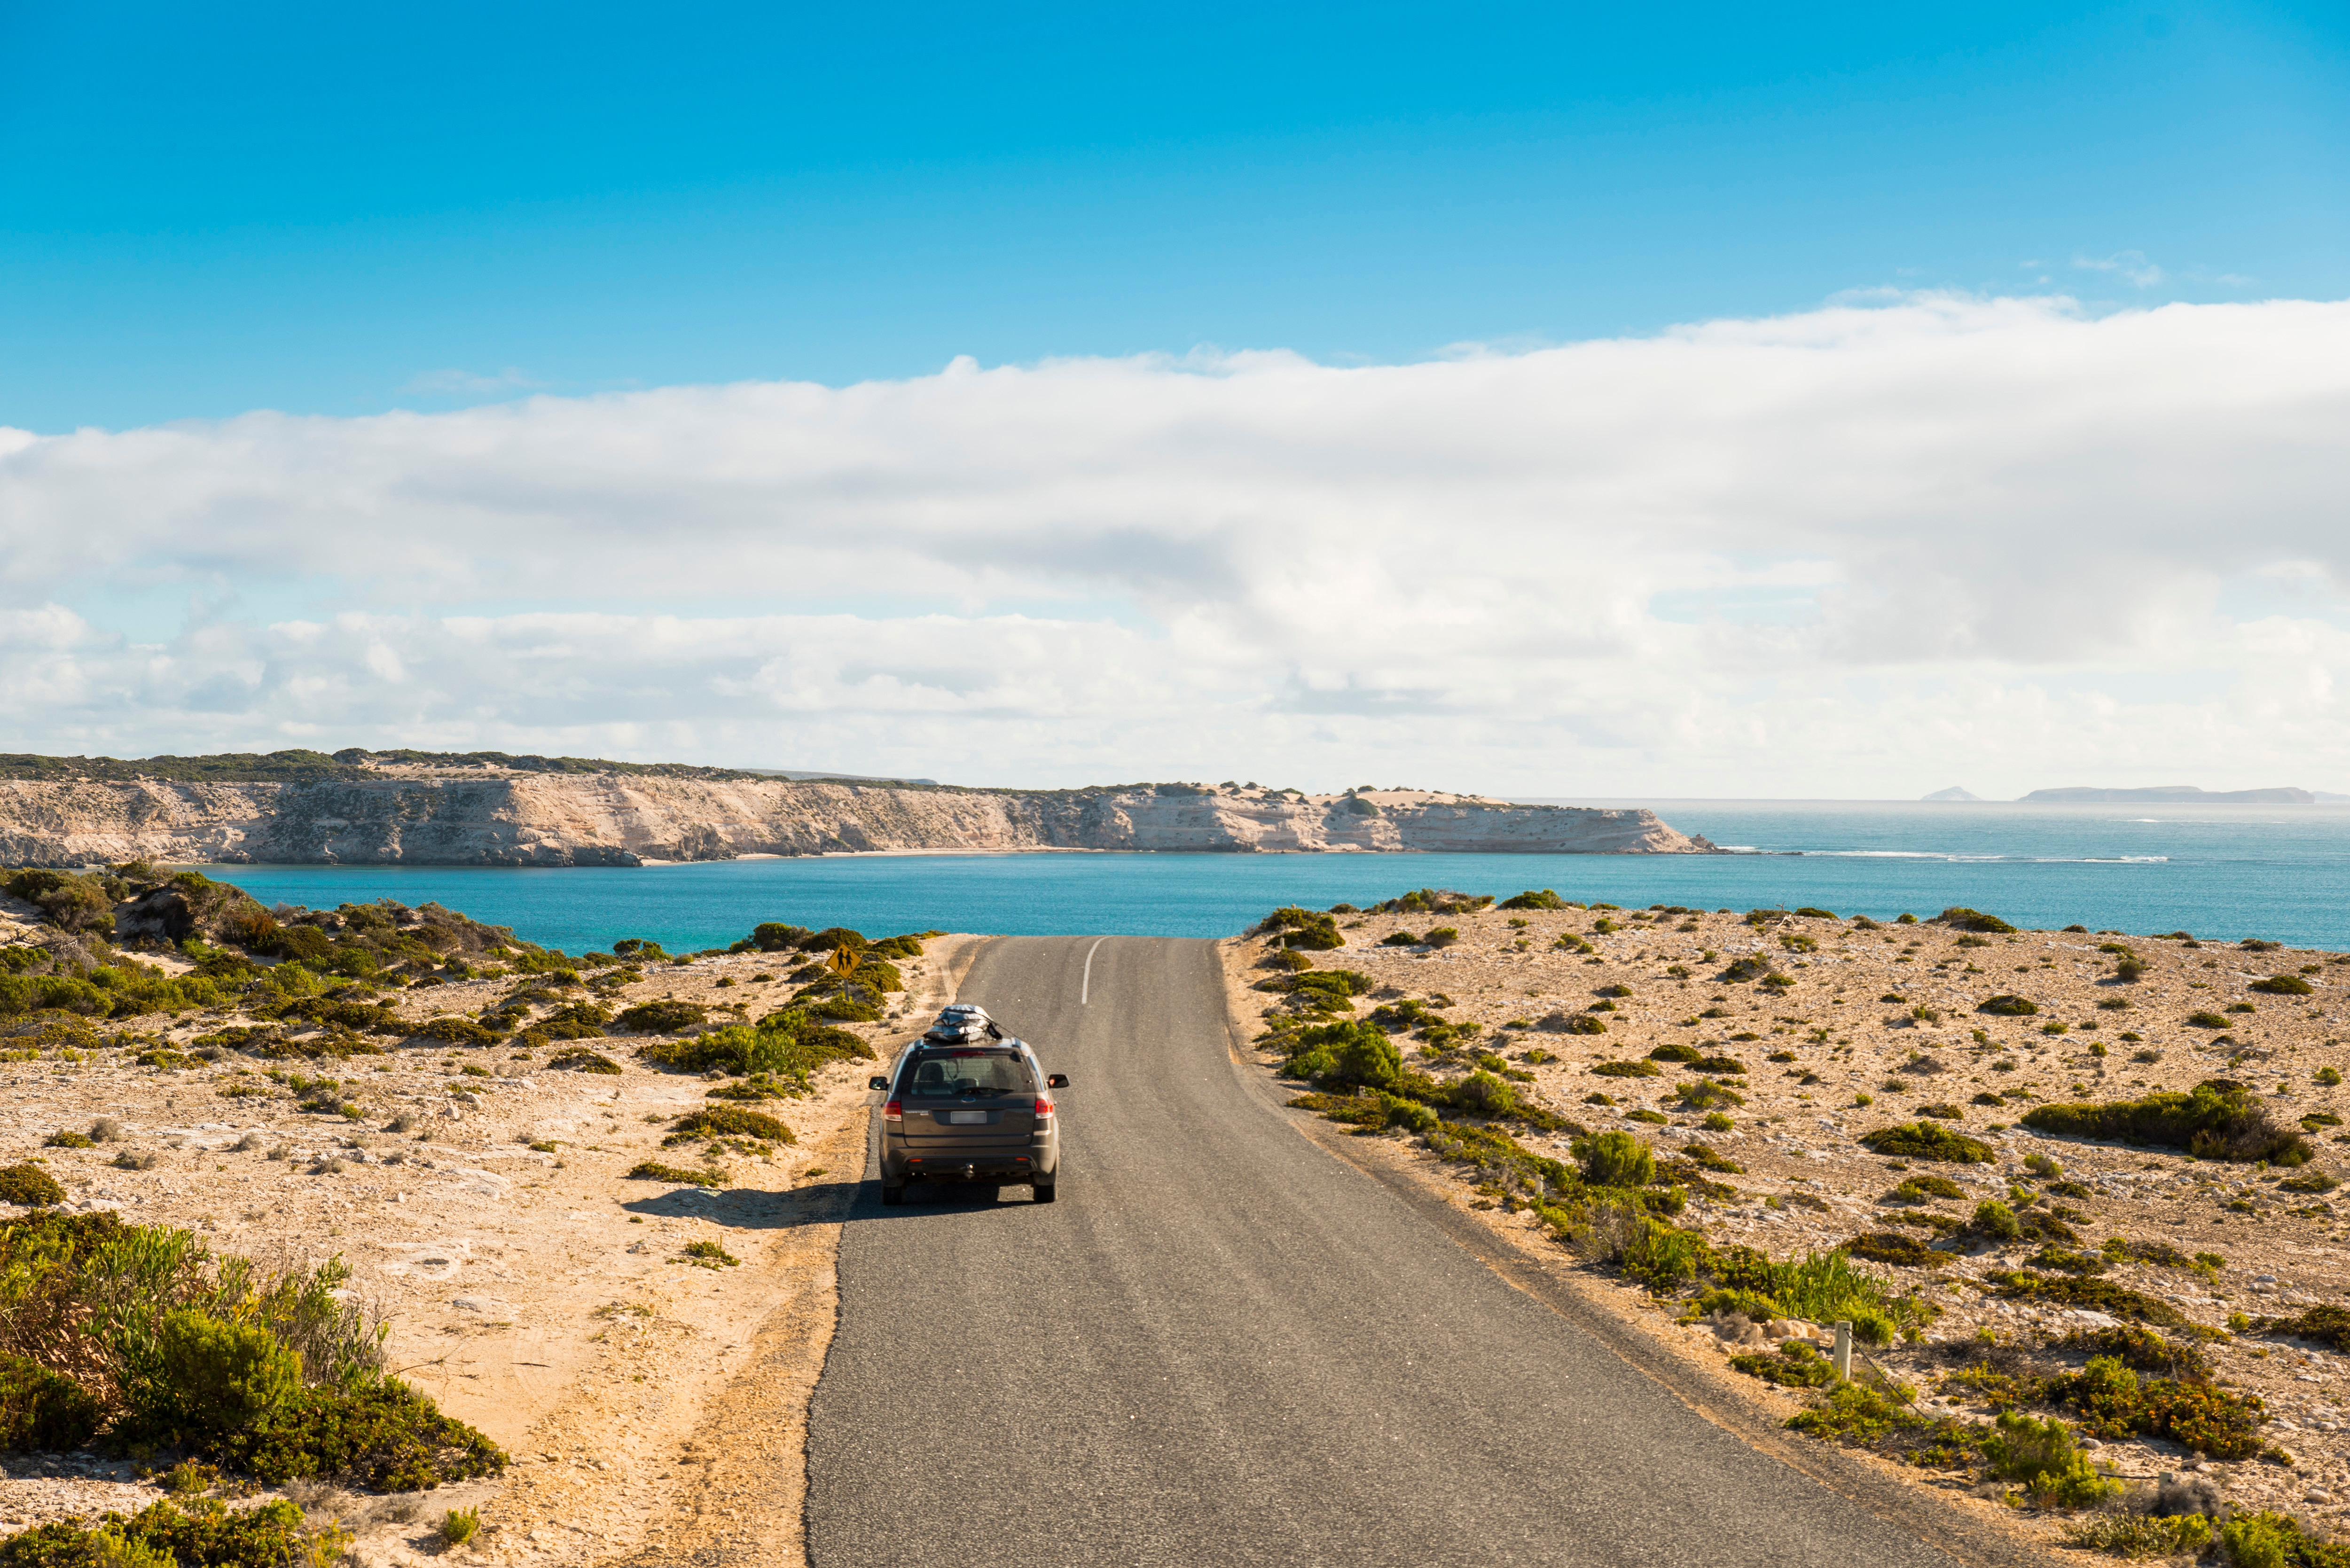 Allora Apartment Applecross adelaide to the eyre peninsula - tourism australia